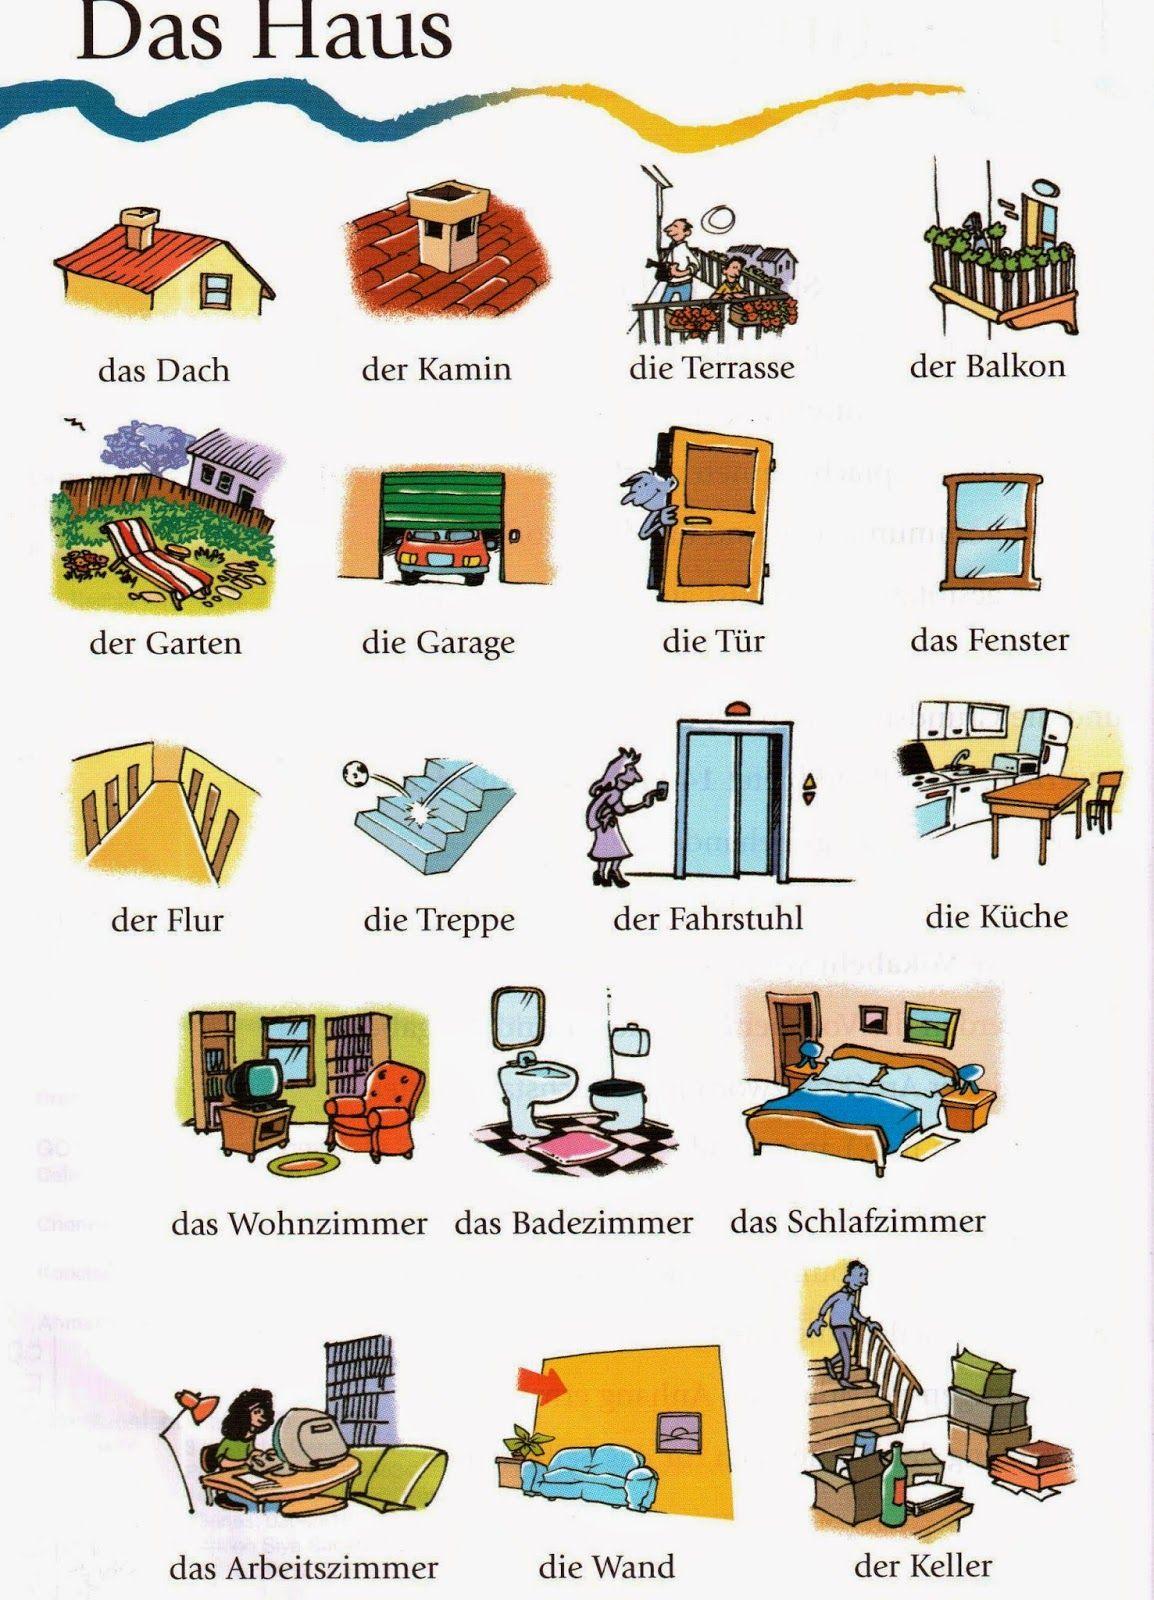 7 ways to a german language wiring diagram for vw dune buggy deutsch lernen mit bildern das haus wortschatz home